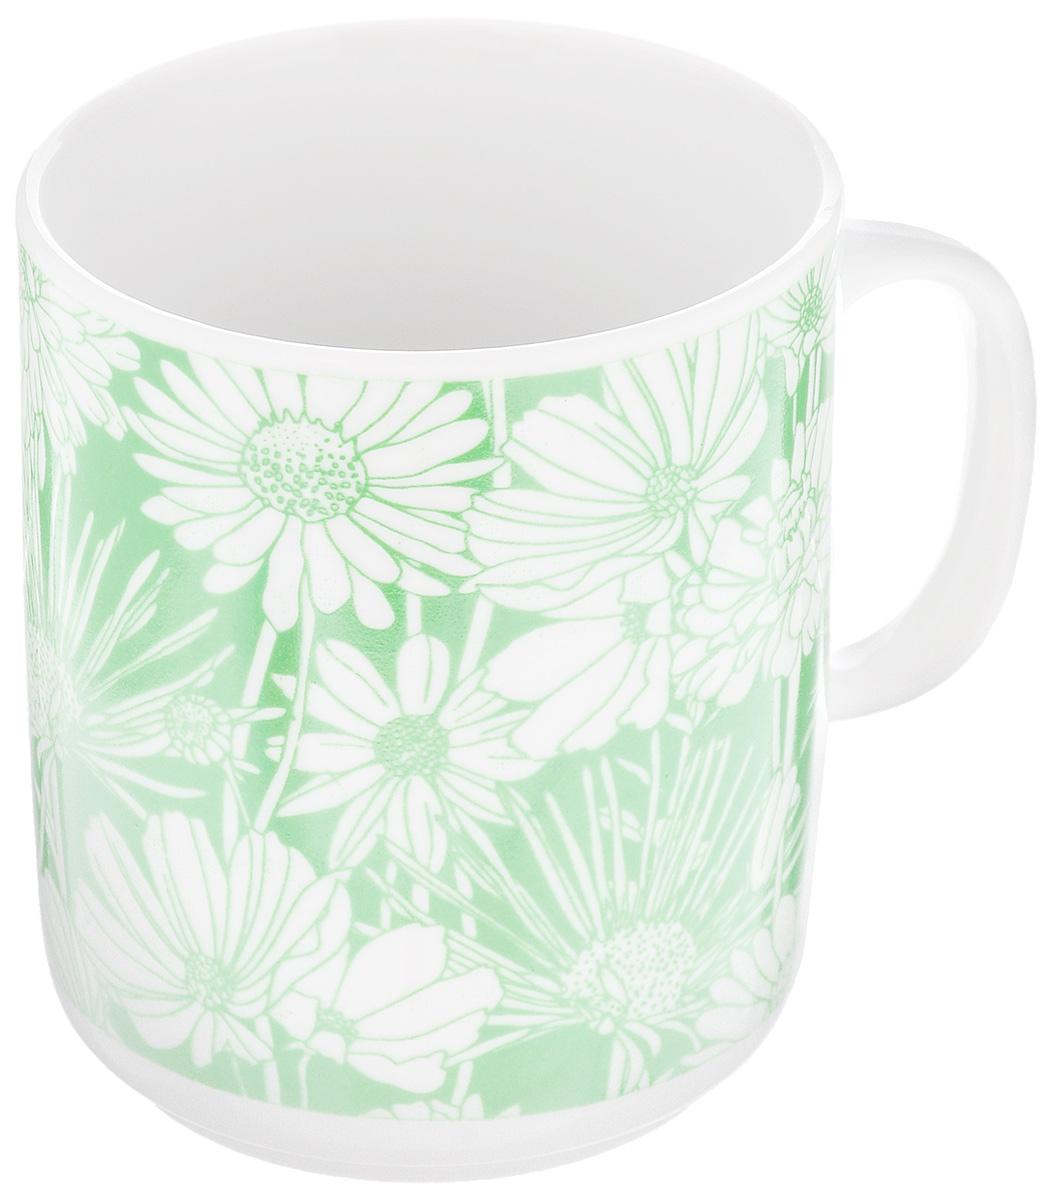 Кружка Фарфор Вербилок Цветочная поляна, цвет: белый, зеленый, 300 мл9273960Кружка Фарфор Вербилок Цветочная поляна способнаскрасить любое чаепитие. Изделие выполнено извысококачественного фарфора. Посуда из такого материалапозволяет сохранить истинный вкус напитка, а также помогаетему дольше оставаться теплым. Диаметр по верхнему краю: 8 см. Высота кружки: 9,5 см.